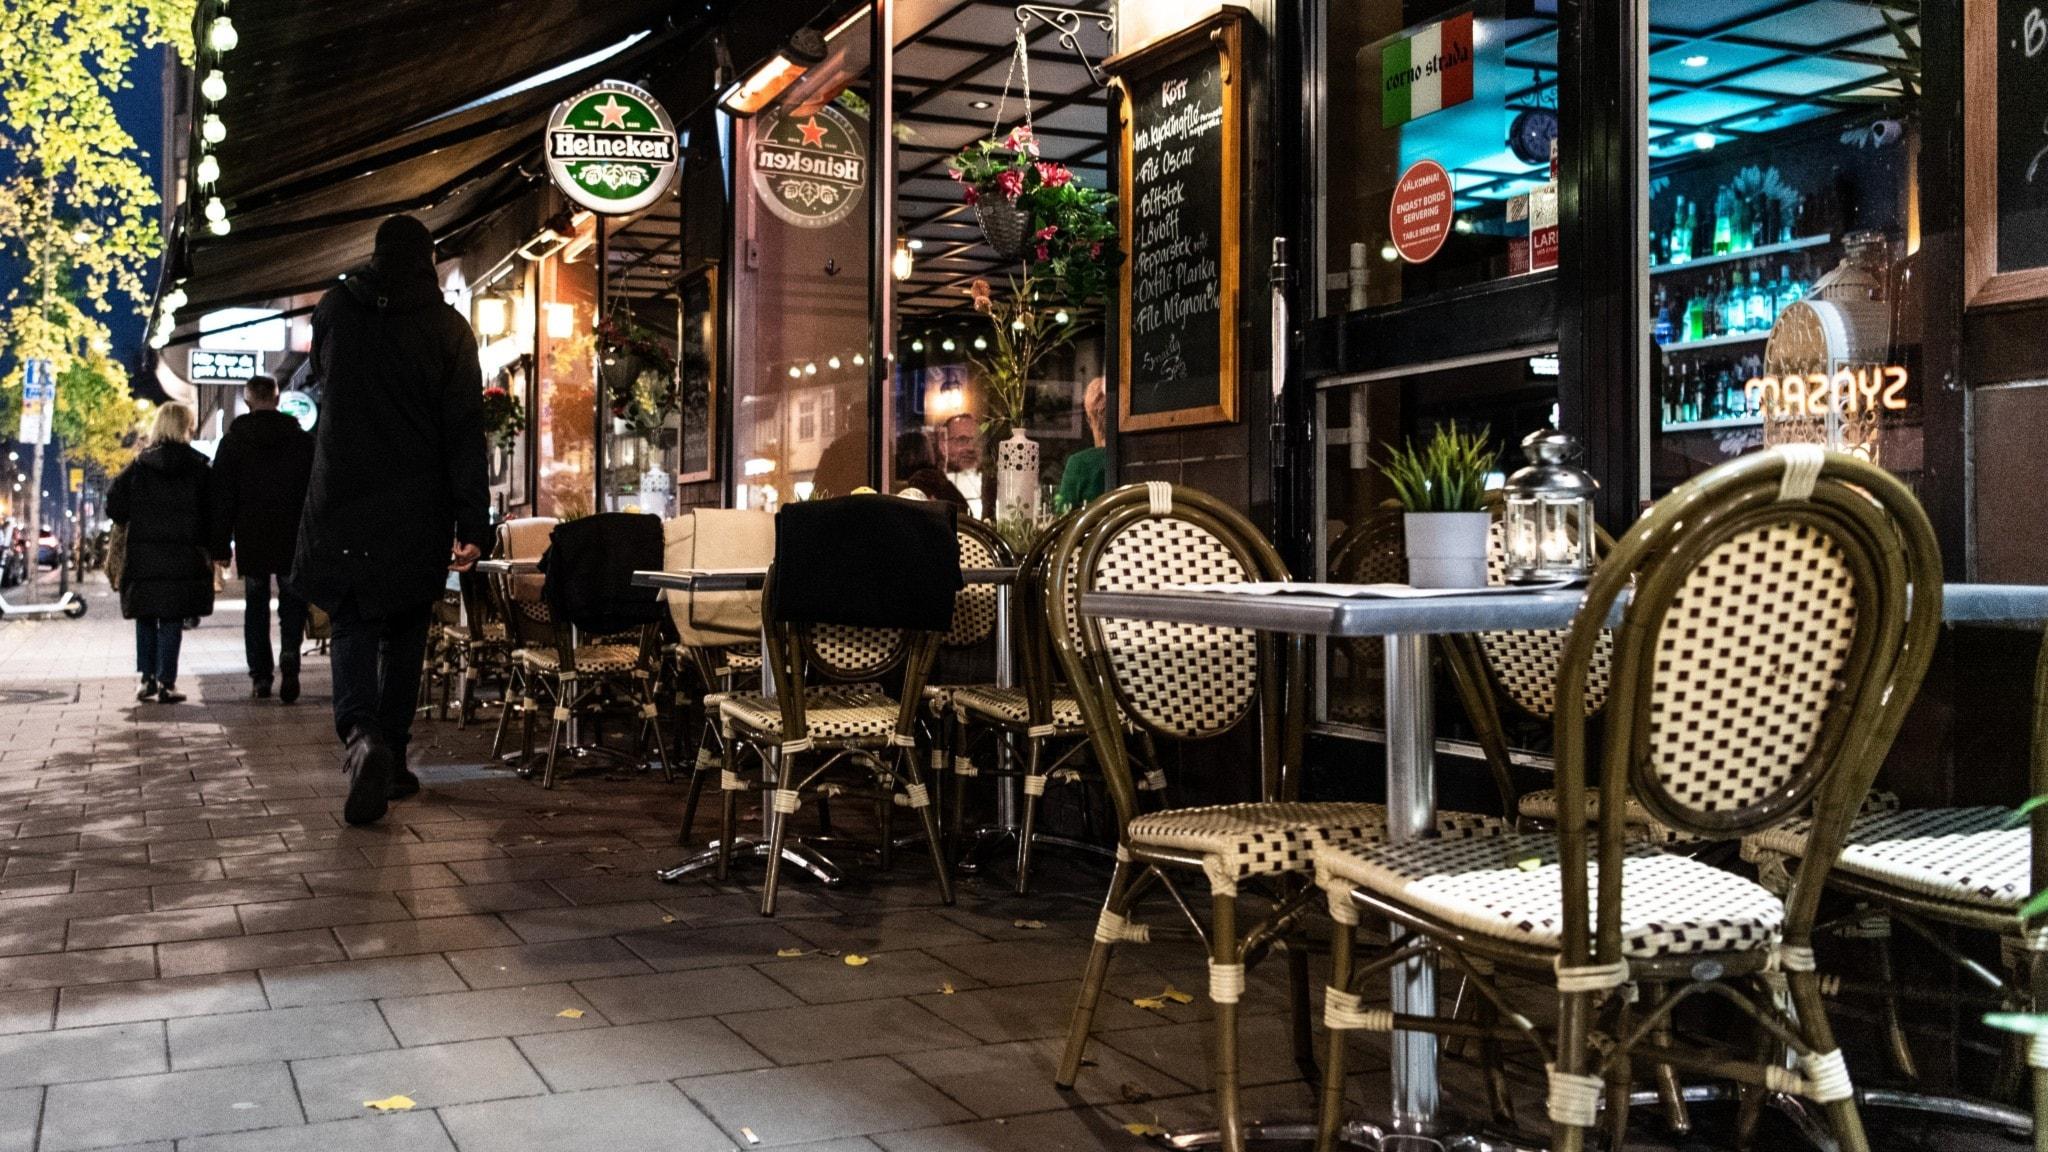 Sidewalk seating at a bar at night.